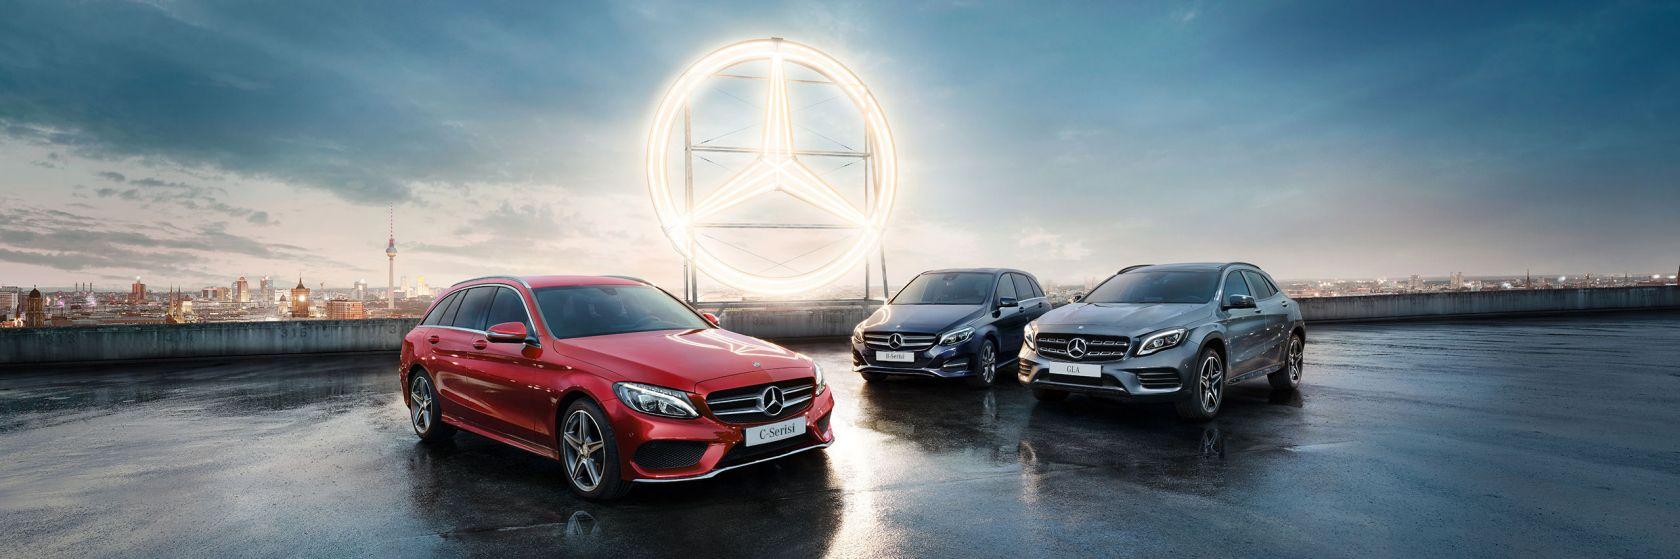 Mercedes'ten oto ve hafif ticariye özel ekim fırsatları